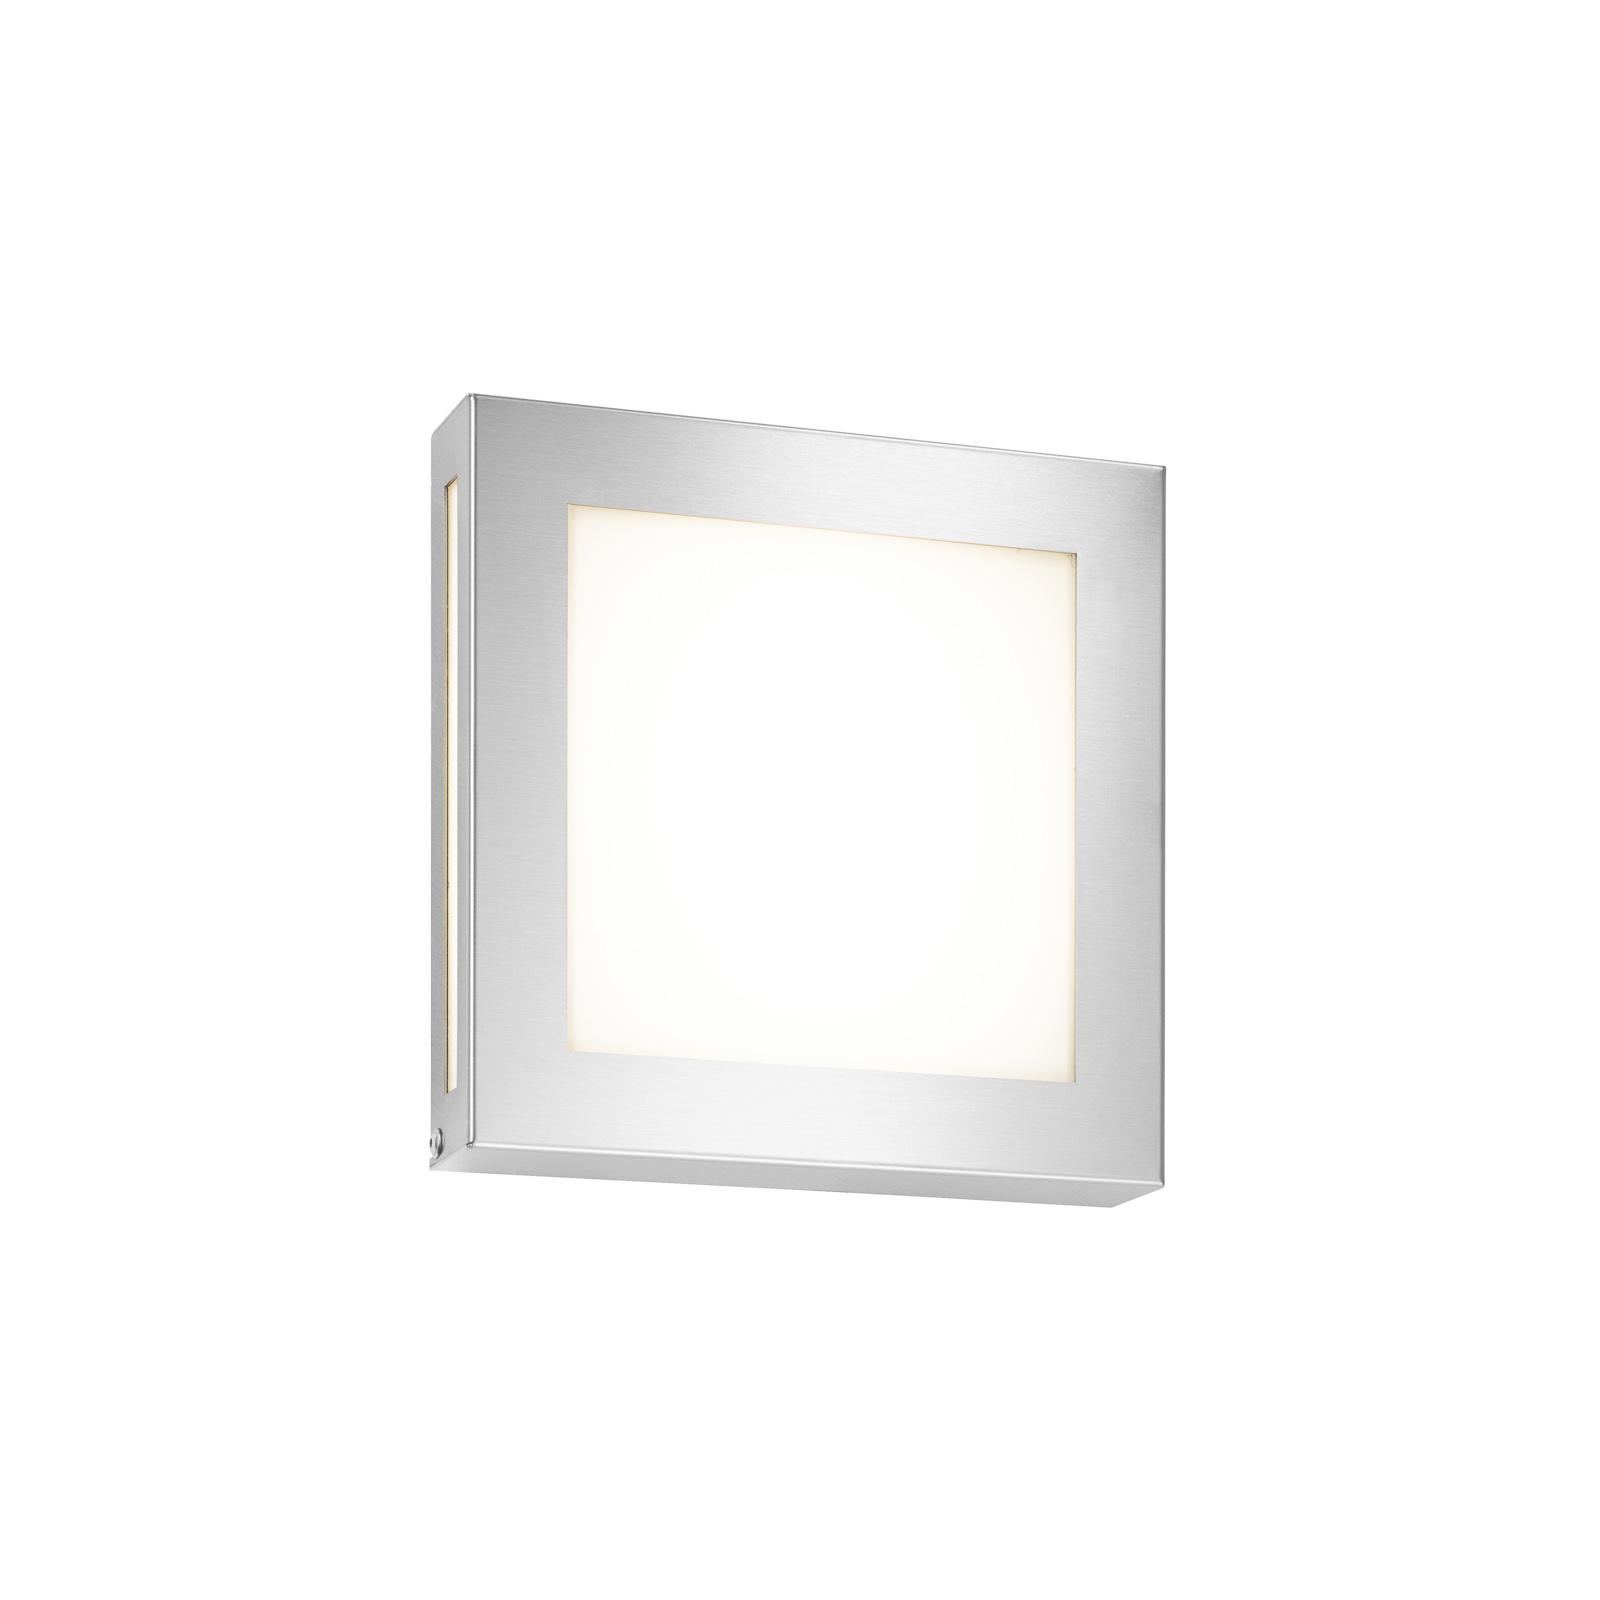 Vonkajšie nástenné svietidlo Legendo Mini s LED_2011221_1